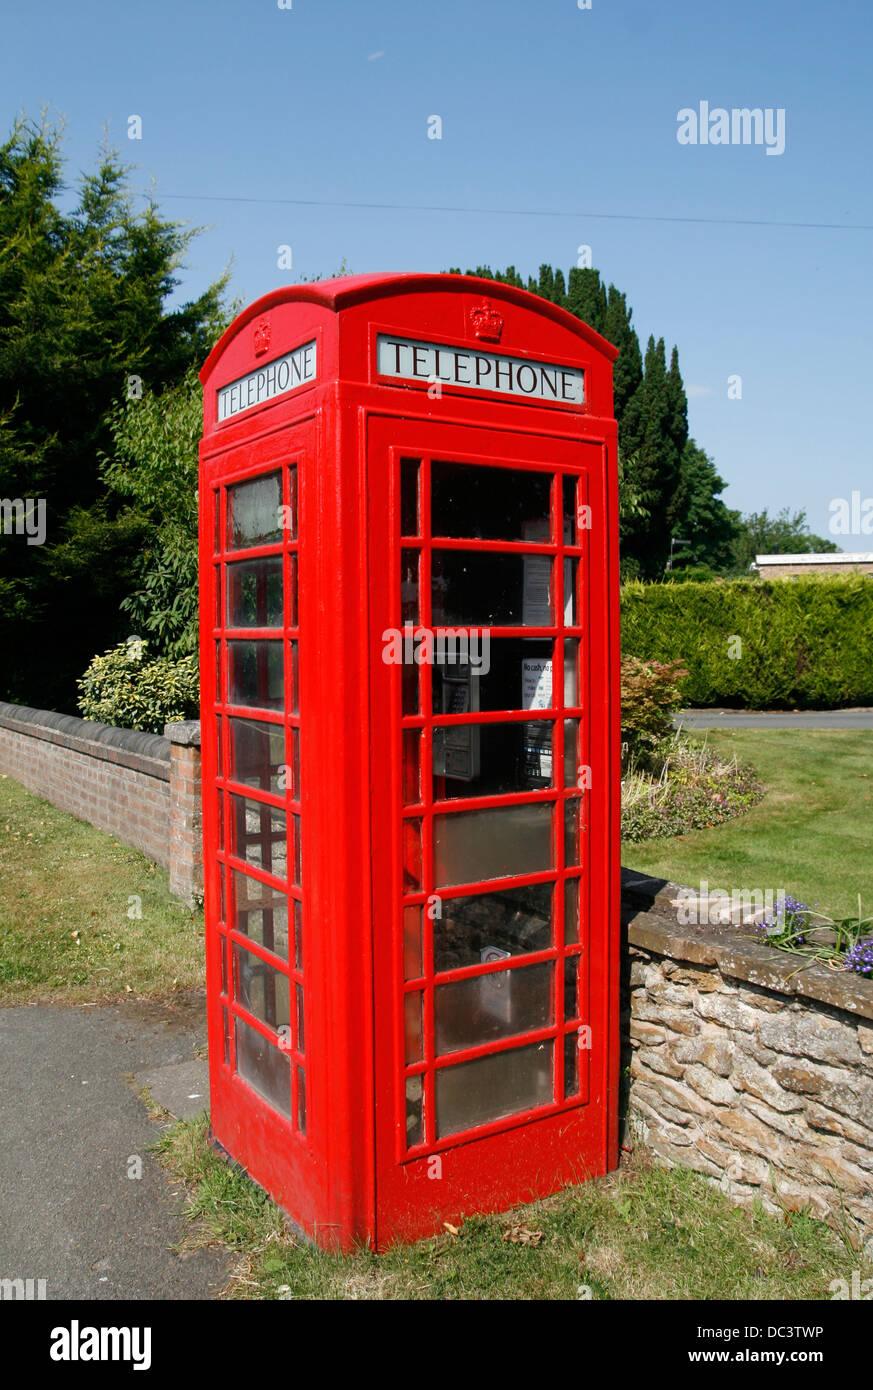 Red telephone box Inkberrow Worcestershire England UK - Stock Image